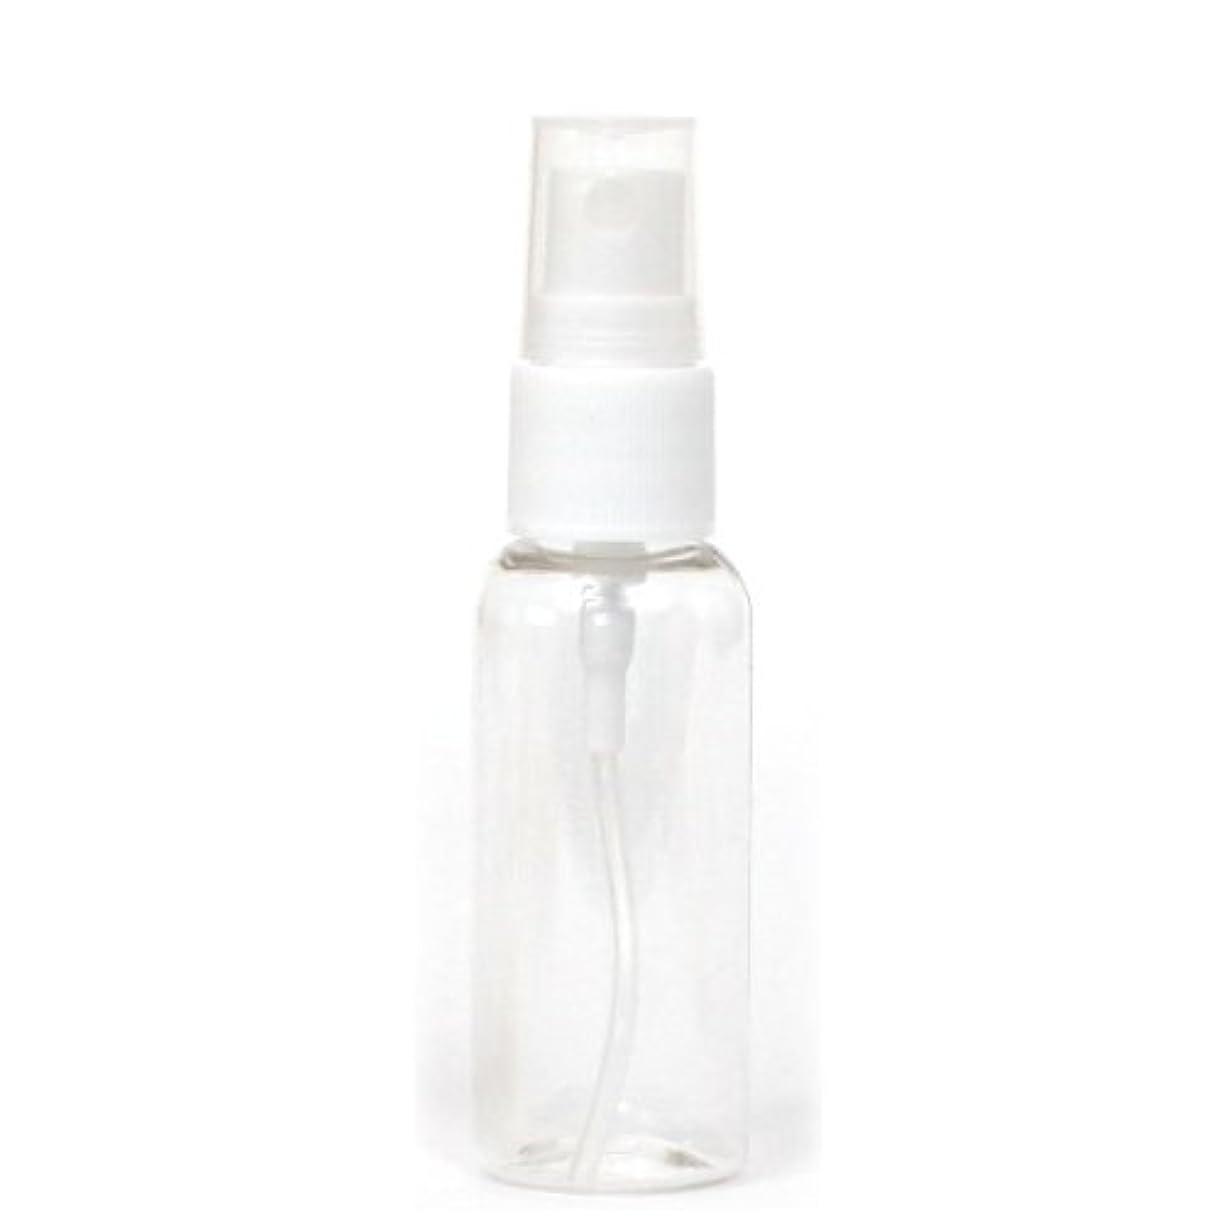 感謝している地上で高度FLAMEER 2個 空の瓶 ポンプボトル クリームチューブ 詰め替え コスメ 携帯 旅行 50ミリ 全3色 - 白